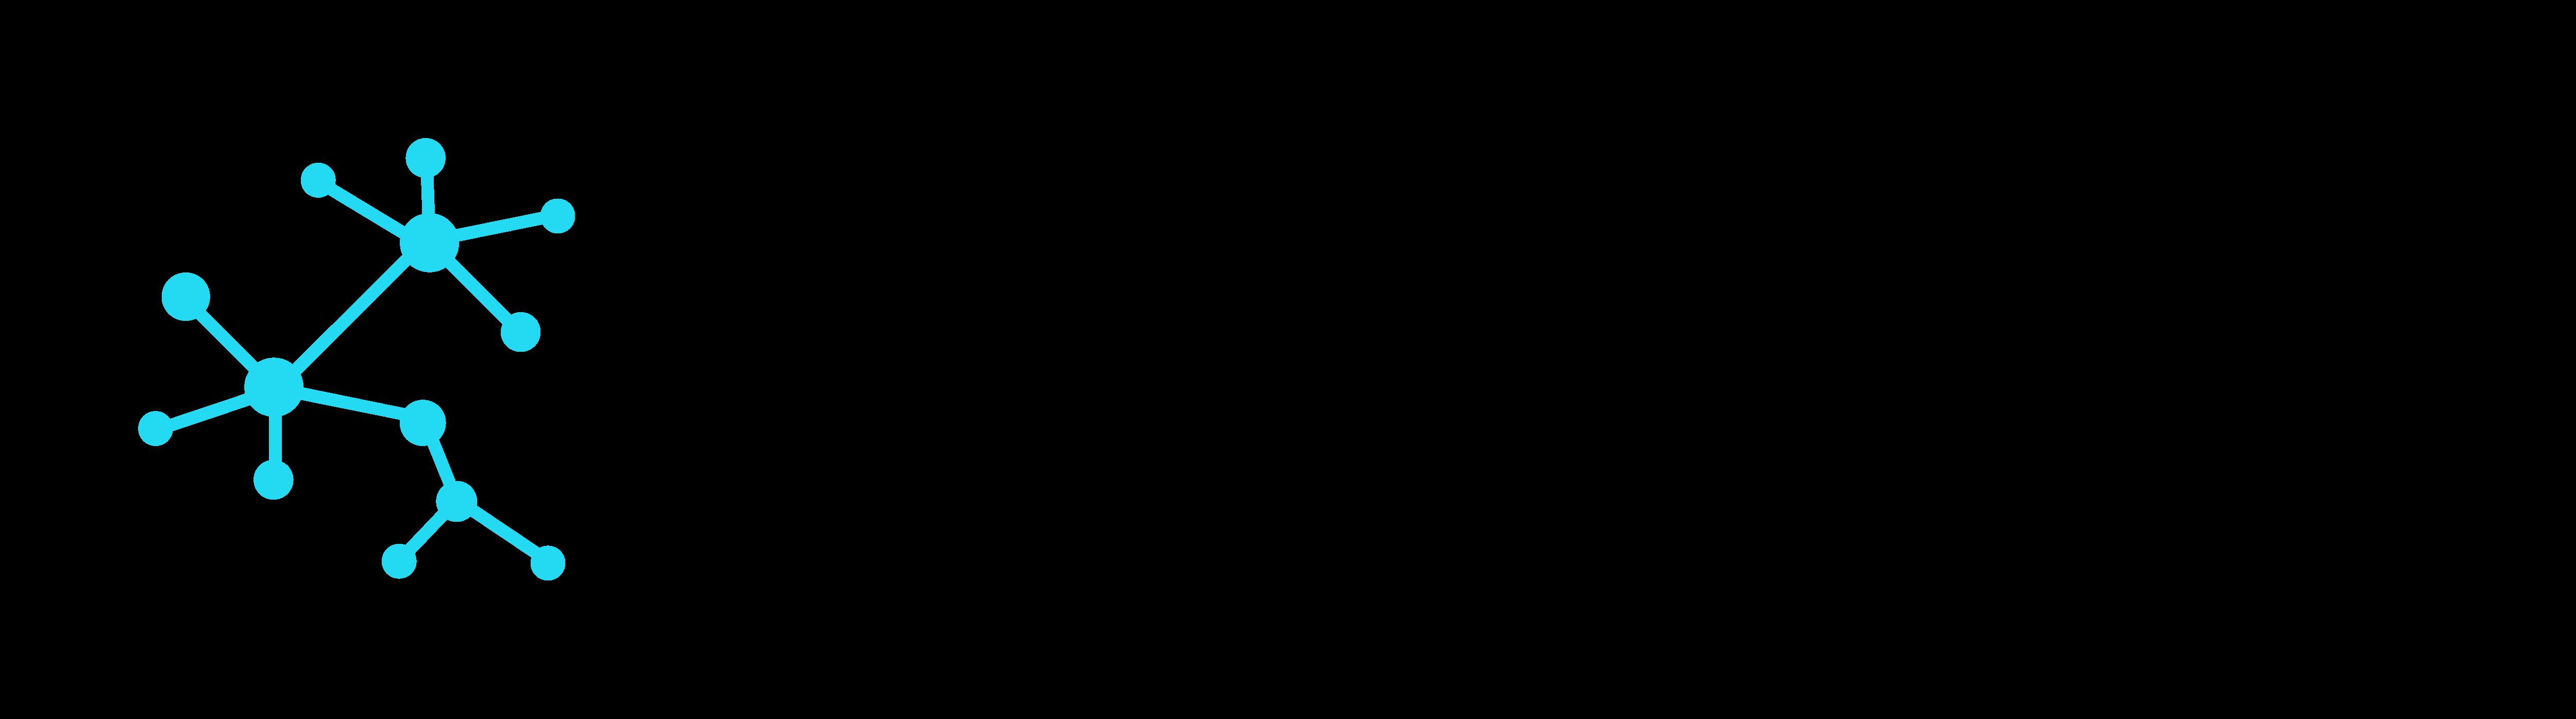 PredictionHealth logo